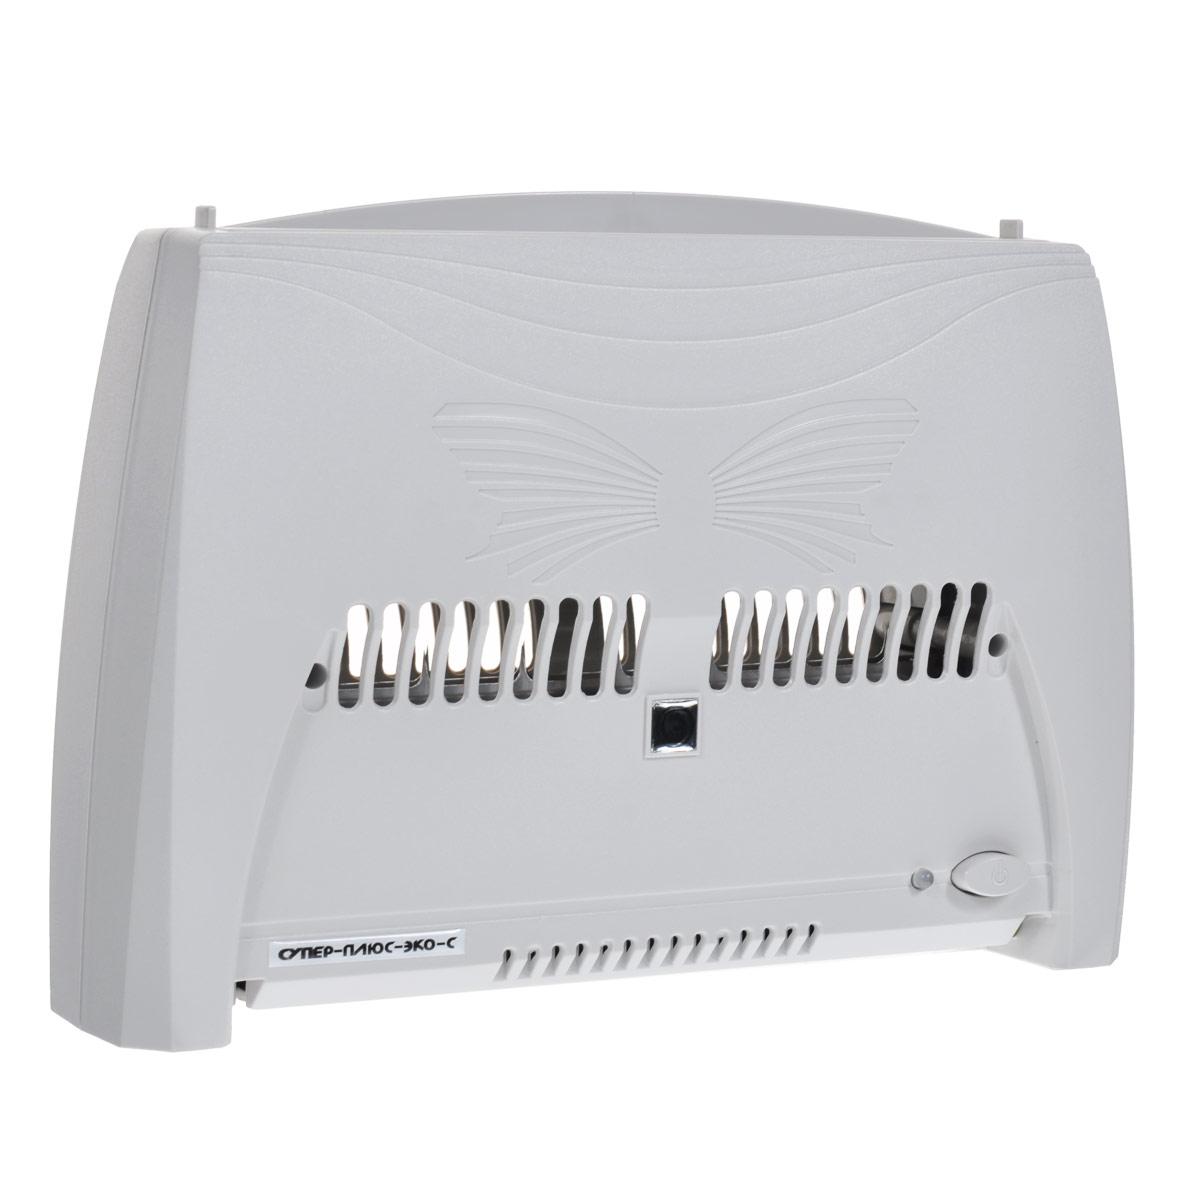 Супер Плюс Эко-С очиститель-ионизатор воздуха1920Прибор Супер Плюс Эко-С состоит из двух основных частей: корпуса и кассеты. Кассета вставляется в прибор сверху. Электронная система информирует о необходимости помыть кассету отключением прибора и миганием красного индикатора.Работа прибора Супер Плюс Эко-С основана на принципе ионного ветра, который возникает в результате коронного разряда и обеспечивает движение воздуха через кассету прибора. Частицы пыли и аэрозоля, находящиеся в воздухе и невидимые невооруженным глазом, прокачиваются вместе с воздухом через кассету, ионизируются, т.е. приобретают электрический заряд, и под действием электростатического поля прилипают к пластинам, расположенным внутри кассеты.Воздух, проходящий через кассету, также обогащается озоном. Но количество озона, которое образуется в зоне коронного разряда, заметно меньше предельно допустимой концентрации (ПДК). И все же его достаточно для того, чтобы в помещении, в котором работает прибор, уничтожались неприятные запахи, подавлялась жизнедеятельность болезнетворных микробов, бактерий, спор грибков, плесени.Одновременно с очисткой происходит ионизация воздуха. Но в нашем приборе, что очень важно, ионами кислорода обогащается воздух, уже очищенный от пыли! Воздухоочиститель создает оптимальный уровень ионизации воздуха в помещении в соответствии с природными показателями и требованиями санитарно-гигиенических норм.Размер улавливаемых частиц в пределах: 0,3-100 мкмКоэффициент фильтрации: до 90 %Концентрация отрицательных аэроионов на расстоянии 1м: до 20000 ион/см3Концентрация озона в помещении: не более 10 мкг/м3Работает без сменных фильтровРежимы работы: минимальный, оптимальный, максимальныйПлощадь обслуживаемого помещения: до 70 м3